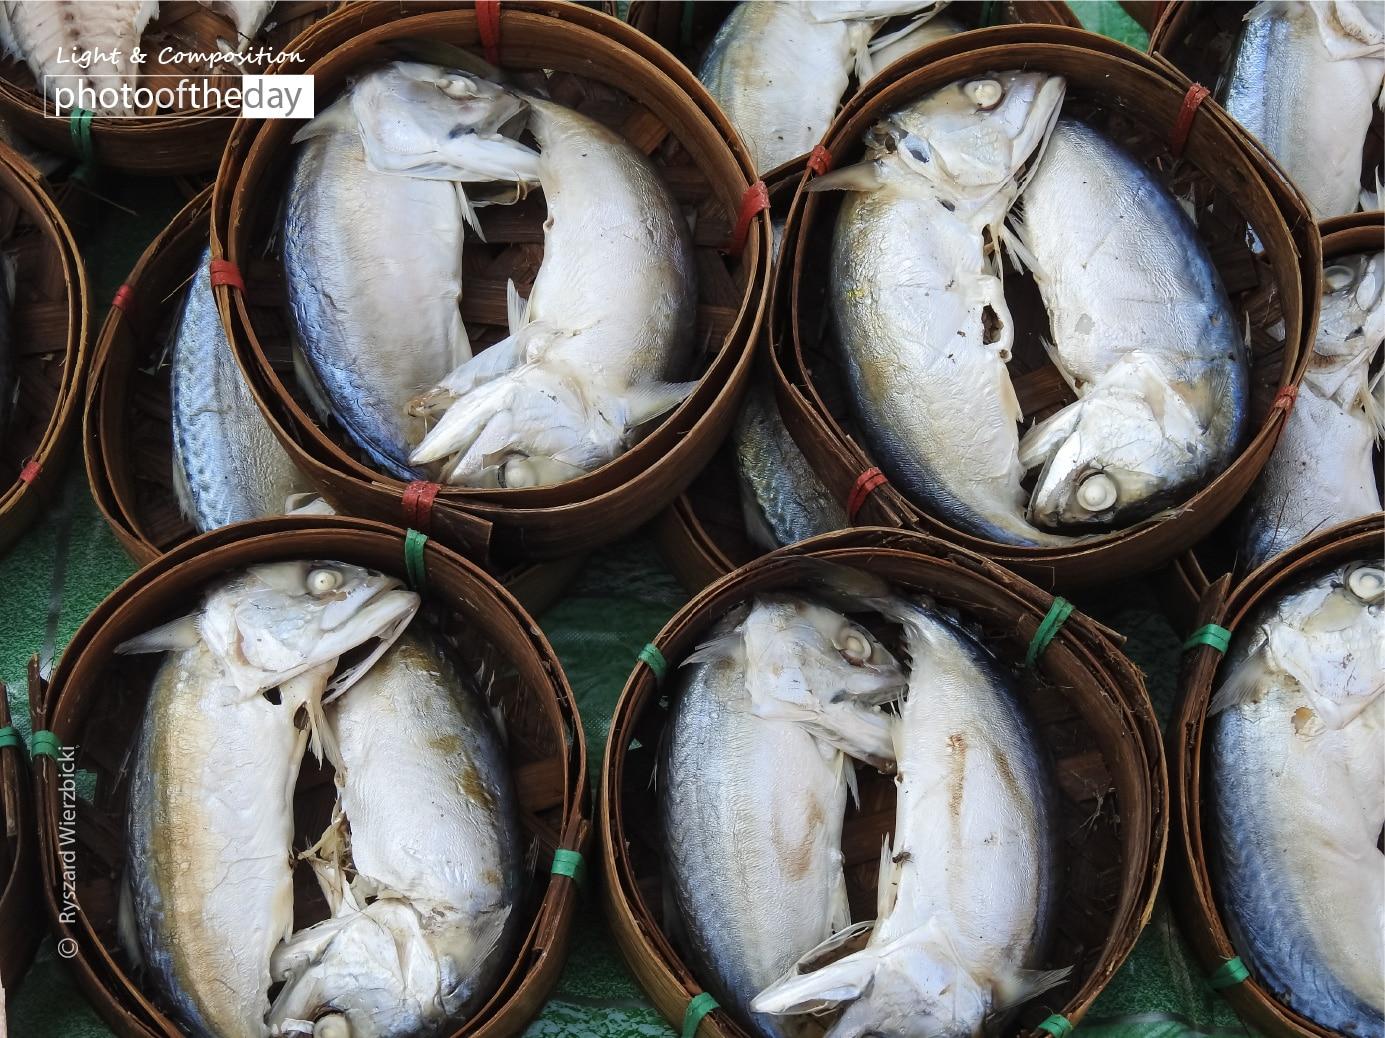 Thai Mackerel Fishes by Ryszard Wierzbicki